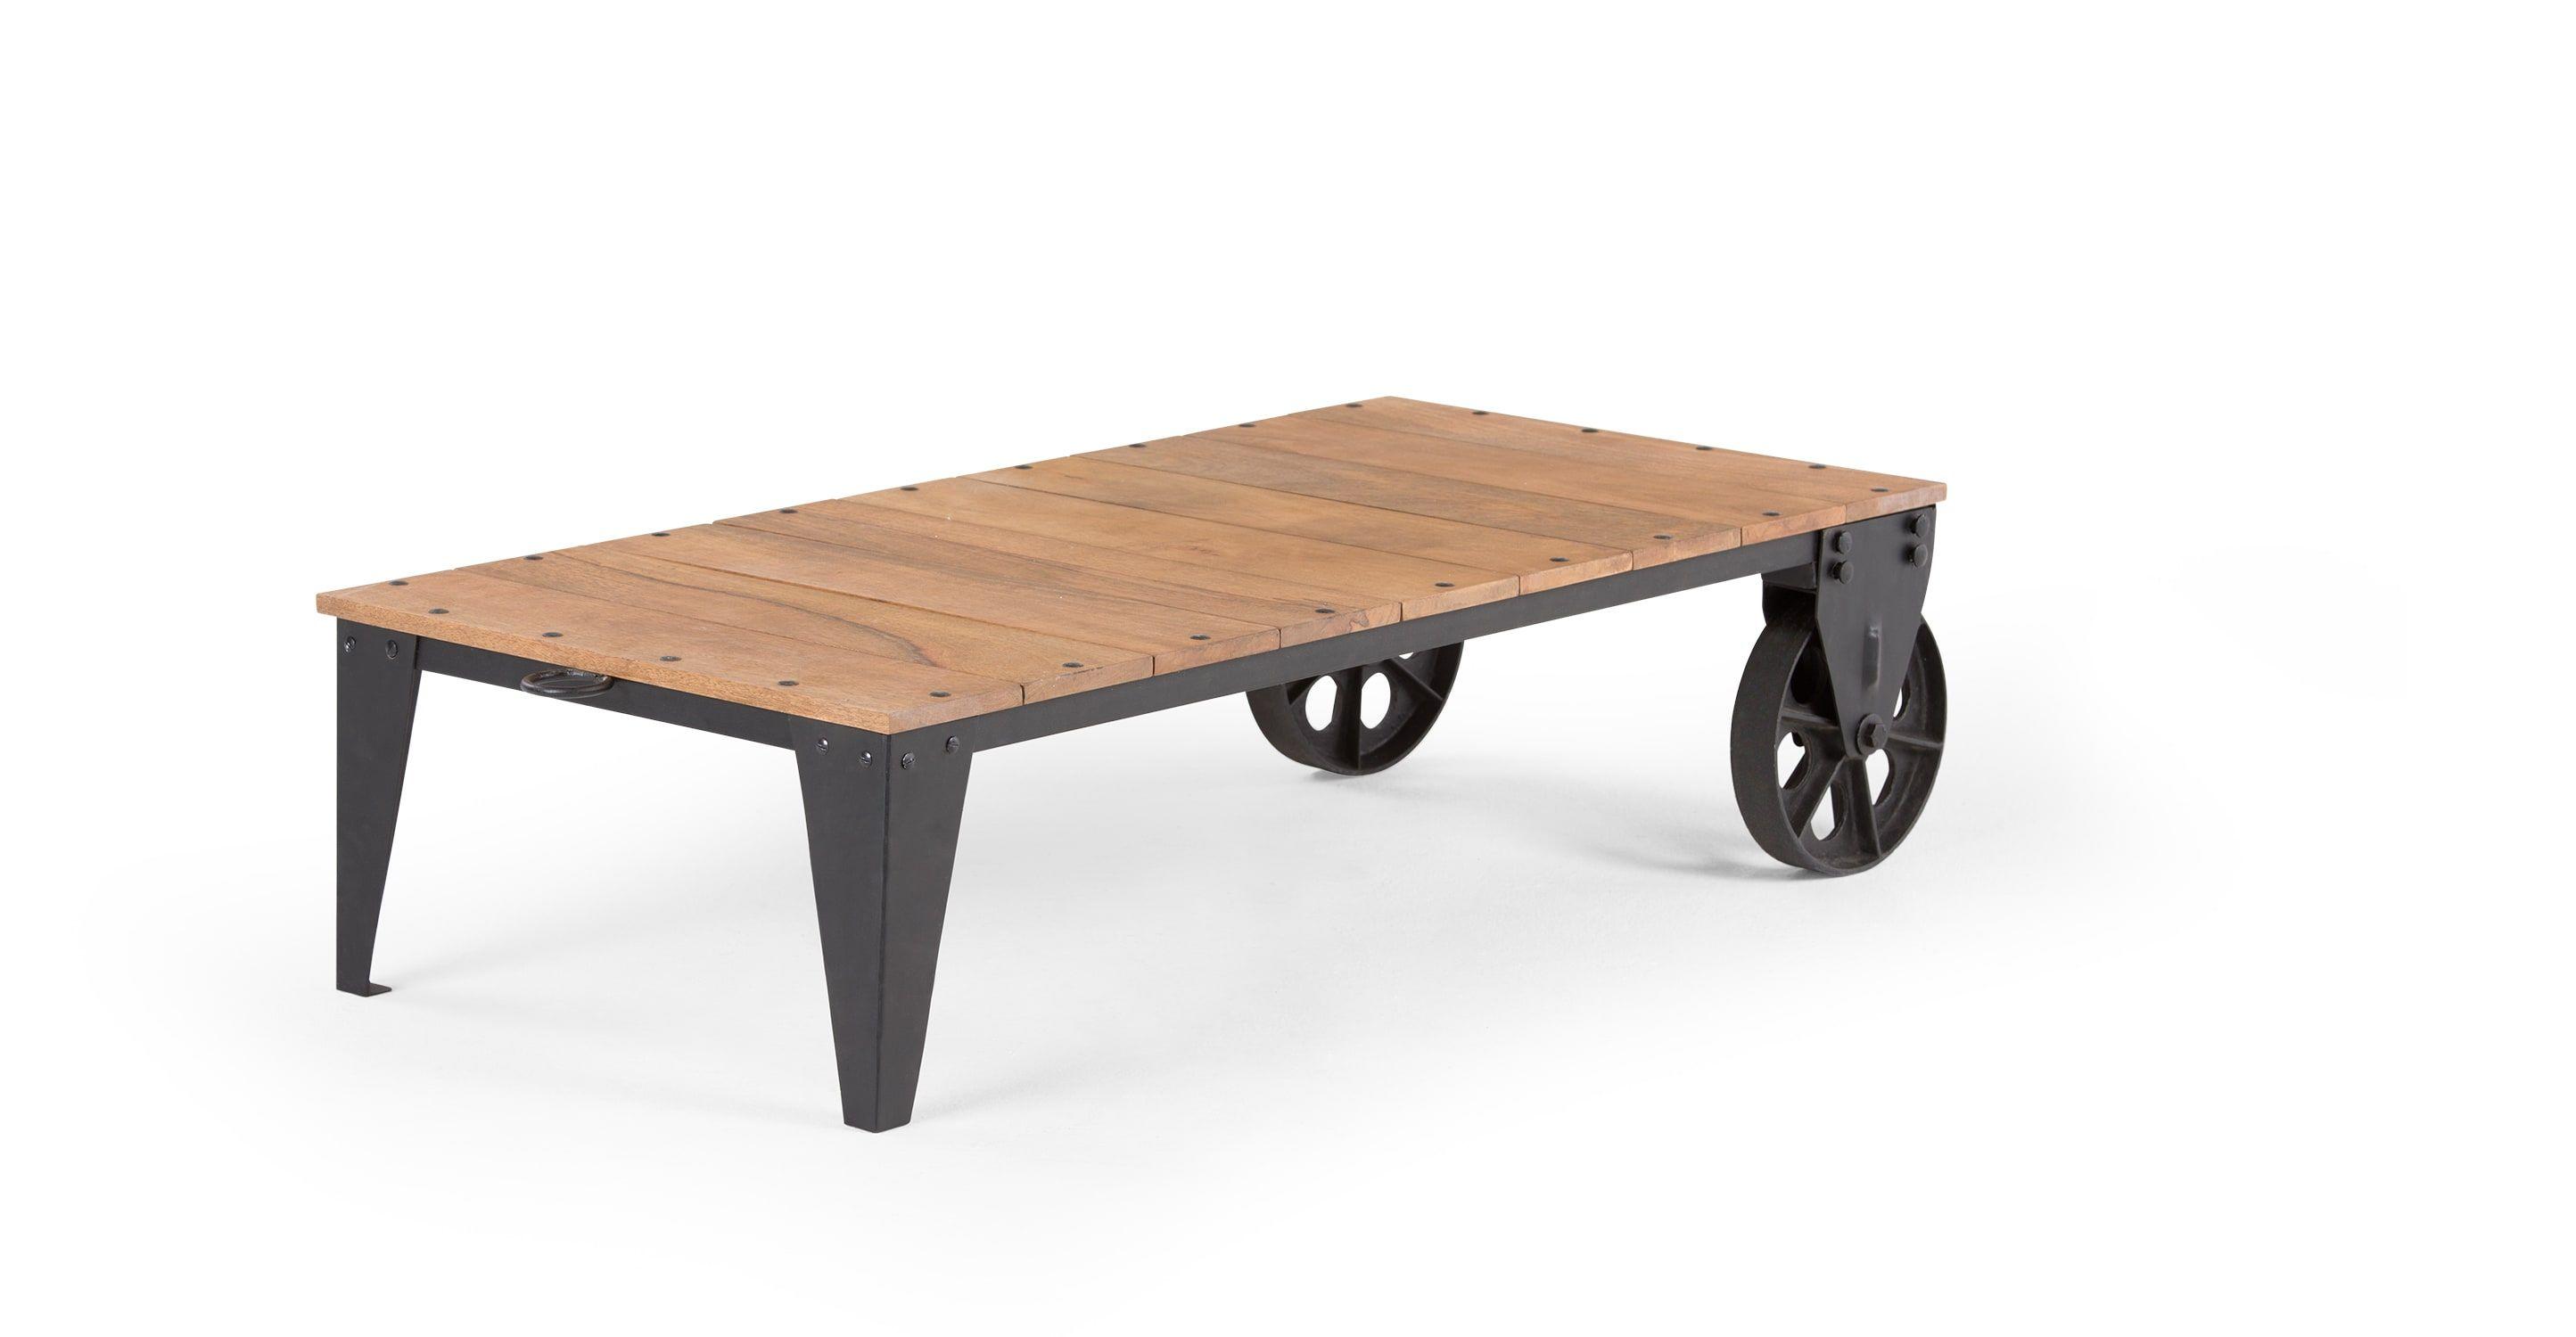 cd02628a91610418b4b57a42de161580 Impressionnant De Ikea Table Relevable Des Idées